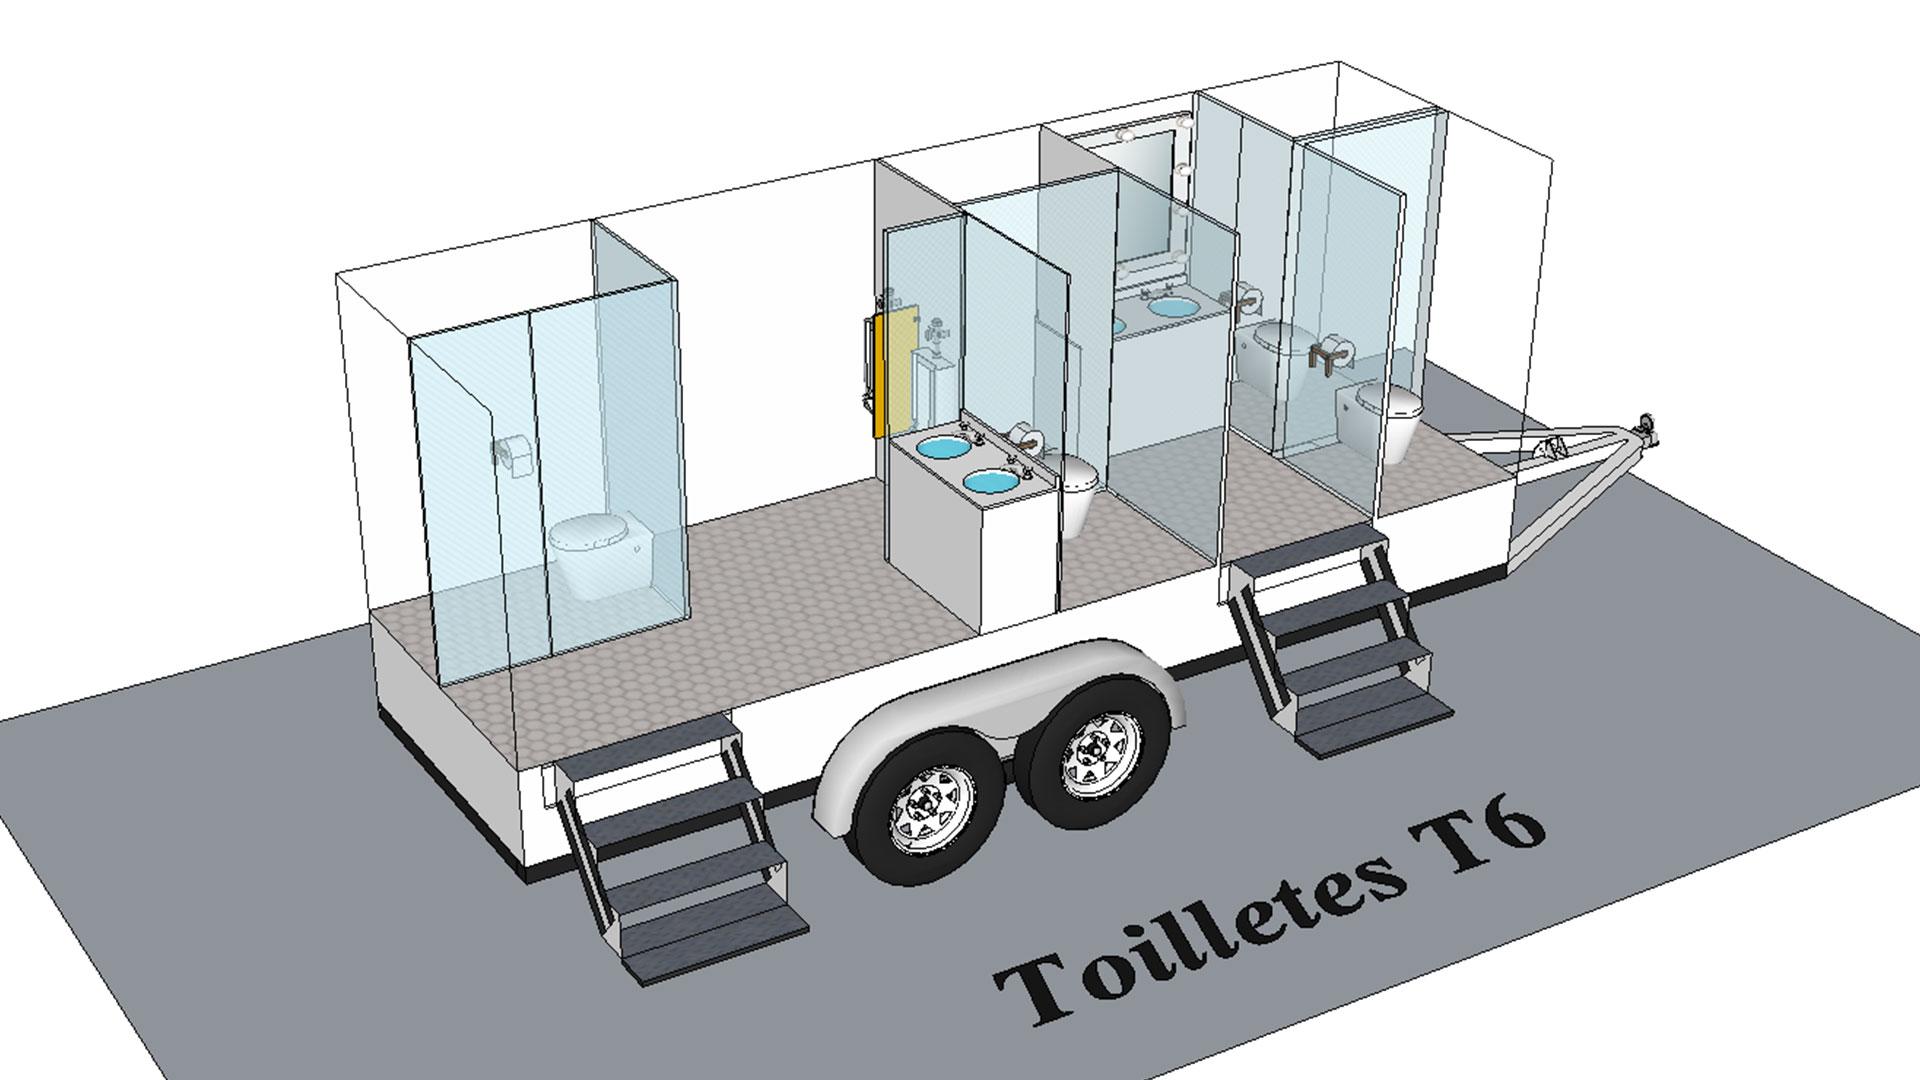 Toilette T6 modèle 3D